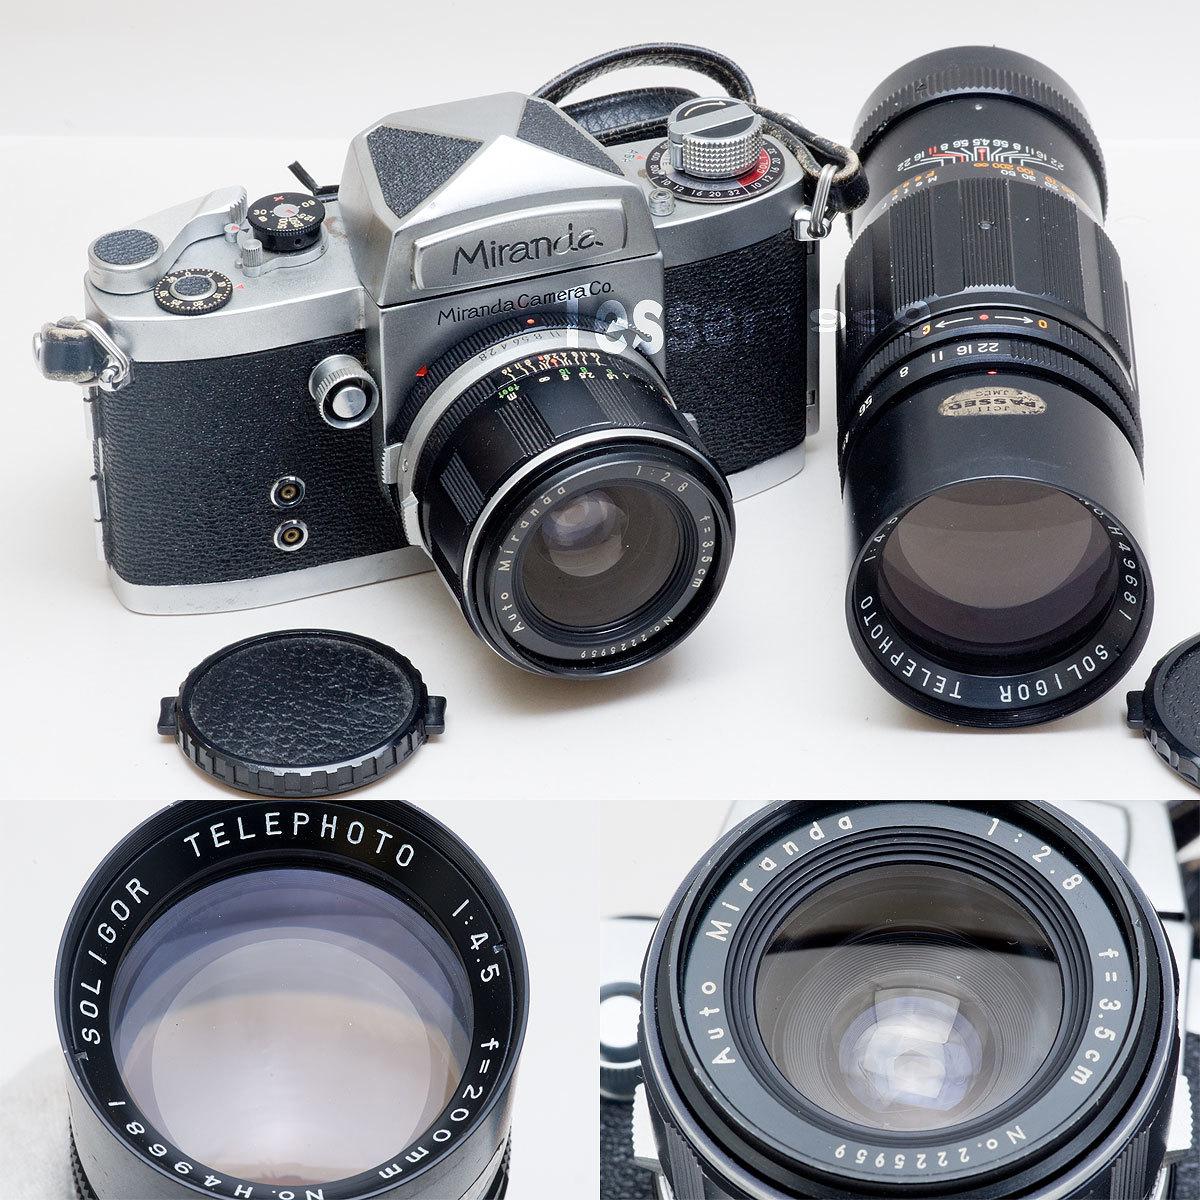 Miranda D Auto Miranda 1:2.8 f=3.5cm SOLIGOR TELEPHOTO 1:4.5 f=200mm